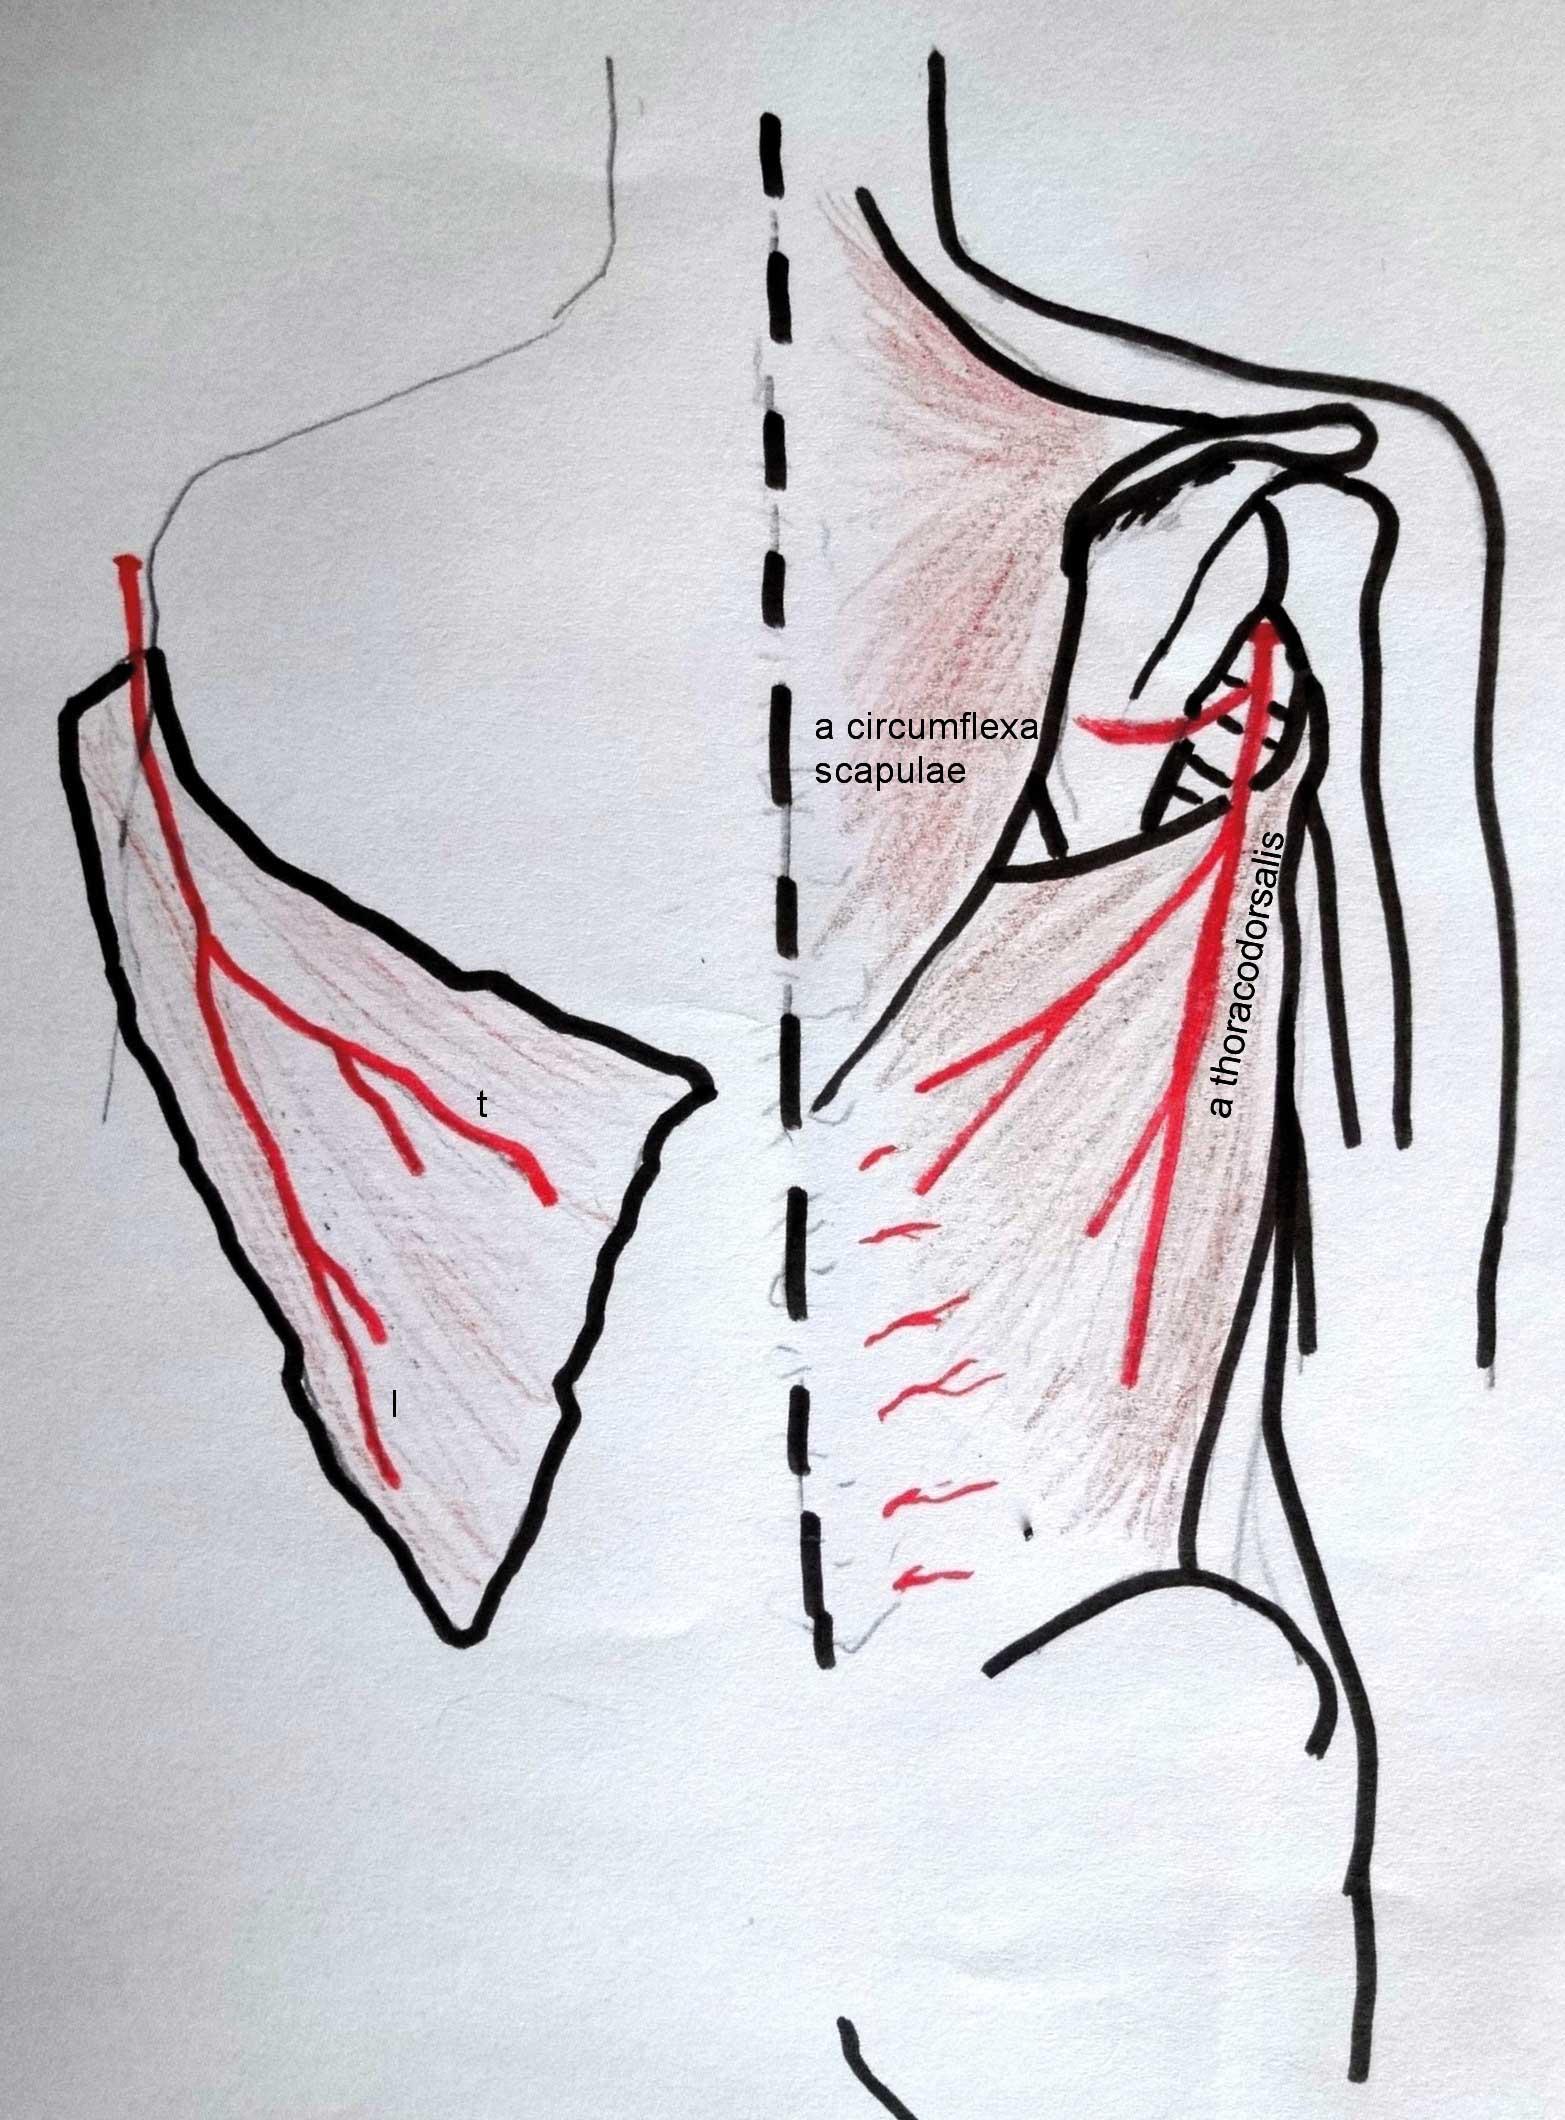 Figur 3. M. latissimus dorsi er mye brukt både som stilket og fri lapp. Den forsynes proximalt av a. thoracodorsalis går av fra a. subscapularis. Denne blodforsyningen kan forsyne hele muskelen, som kan løsnes både fra humerusfestet og fra ryggtaggene og crista. Stilket på arterien kan muskelen dreies til store deler av overekstremitet og thorax. Som fri lapp gir latissimus stort areal. Muskelen kan også deles på langs da a. thoracodorsalis deler seg i en lateral (l) og en transversal (t) del.